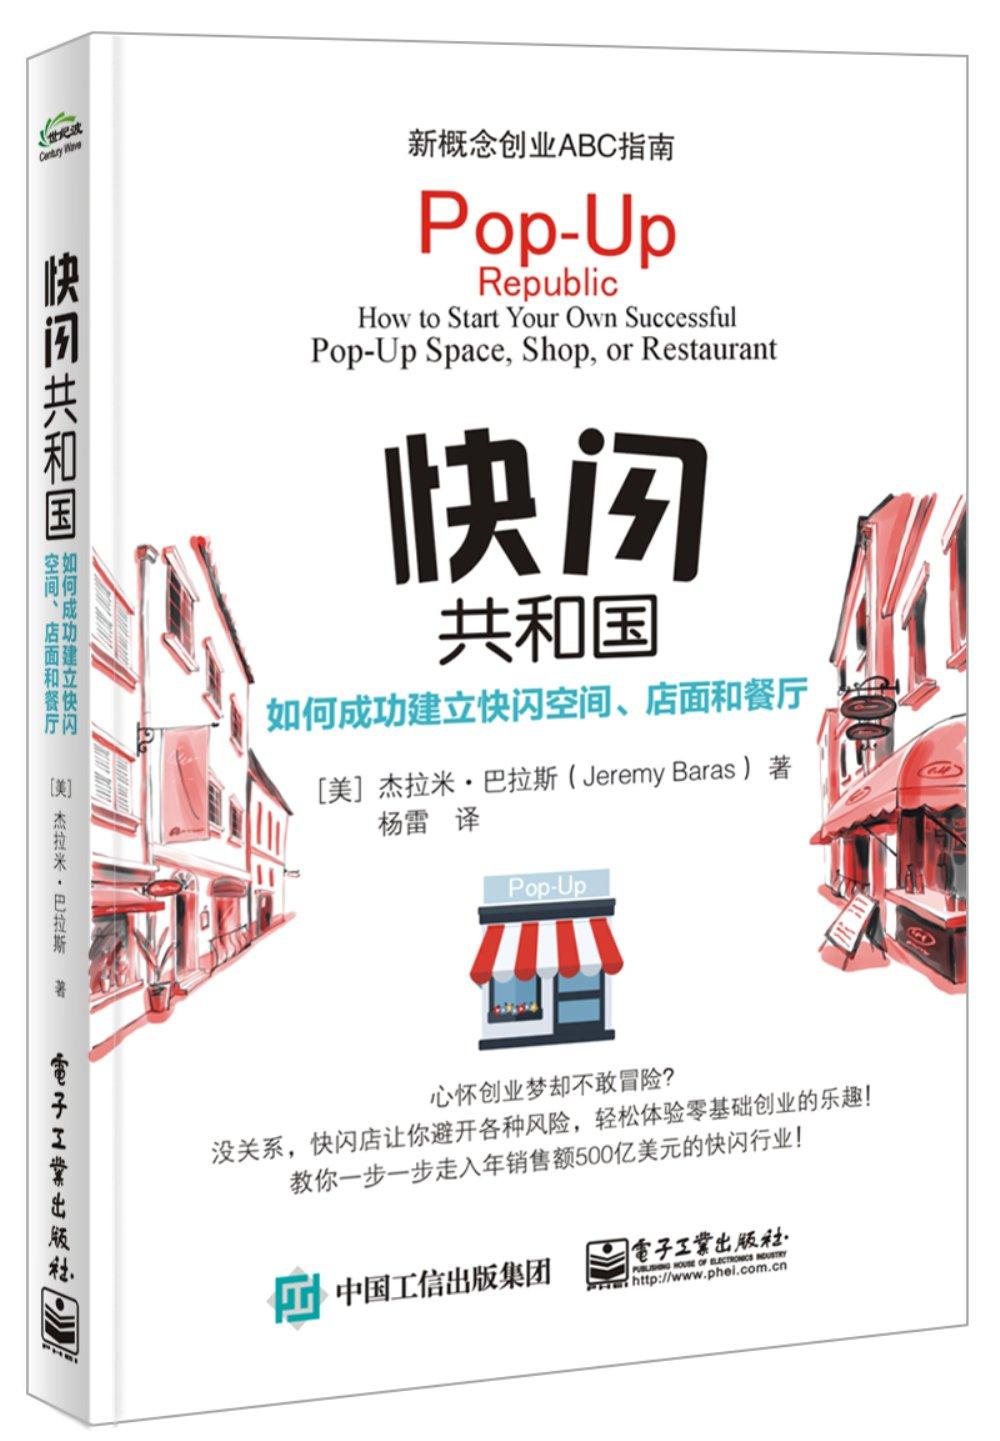 快閃共和國:如何成功建立快閃空間、店面和餐廳